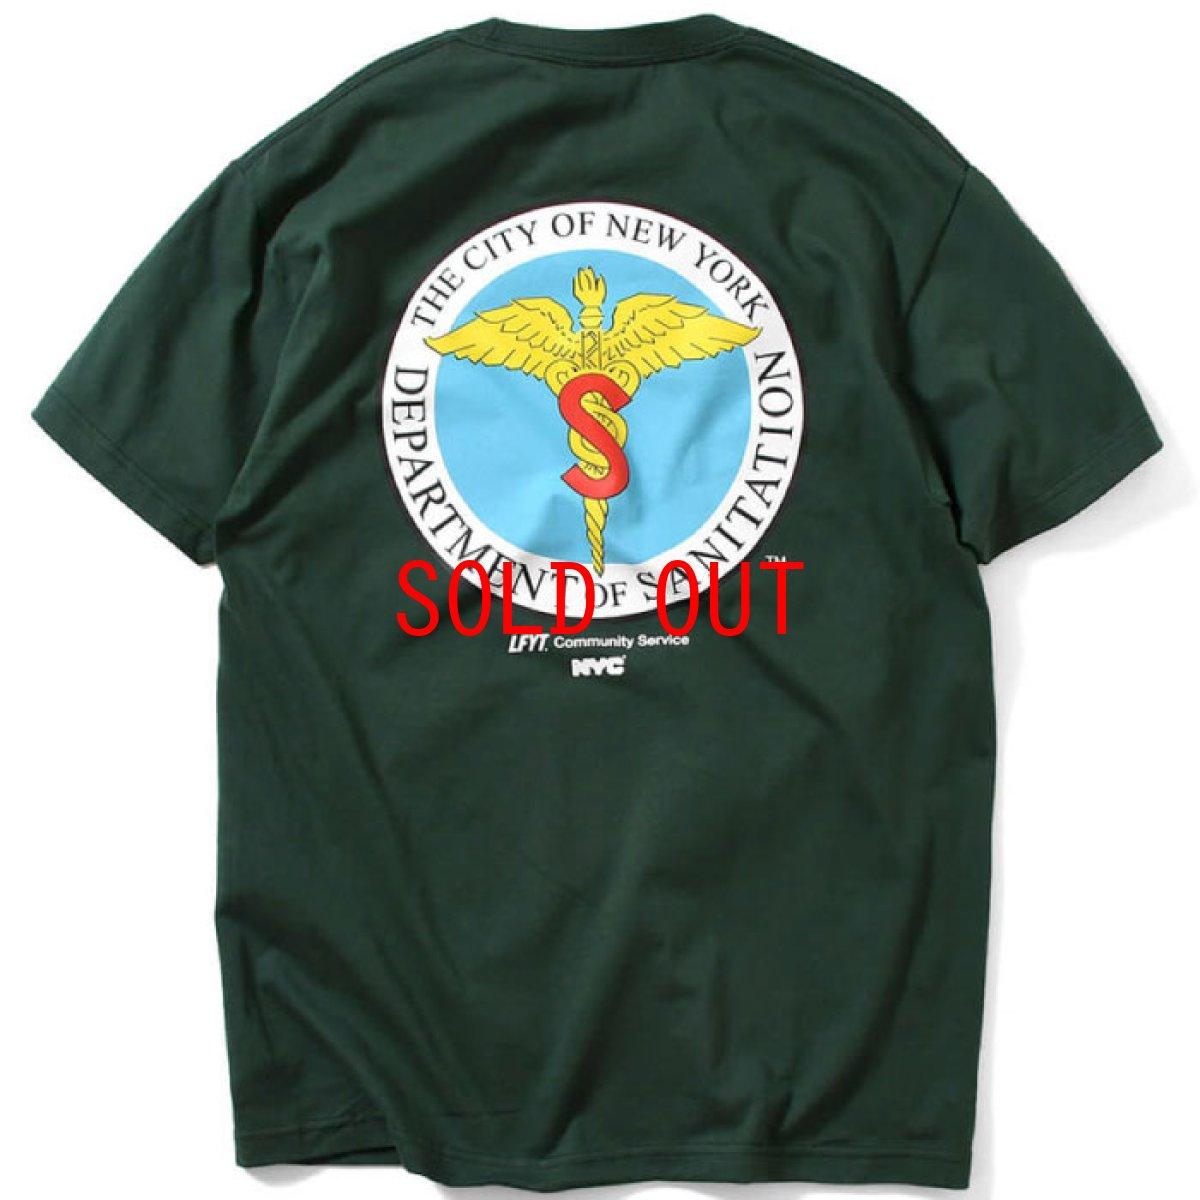 画像1: X DSNY Community Services S/S Tee 半袖 Tシャツ デイーエスエヌワイ Dark Green ダーク グリーン by Lafayette ラファイエット  (1)